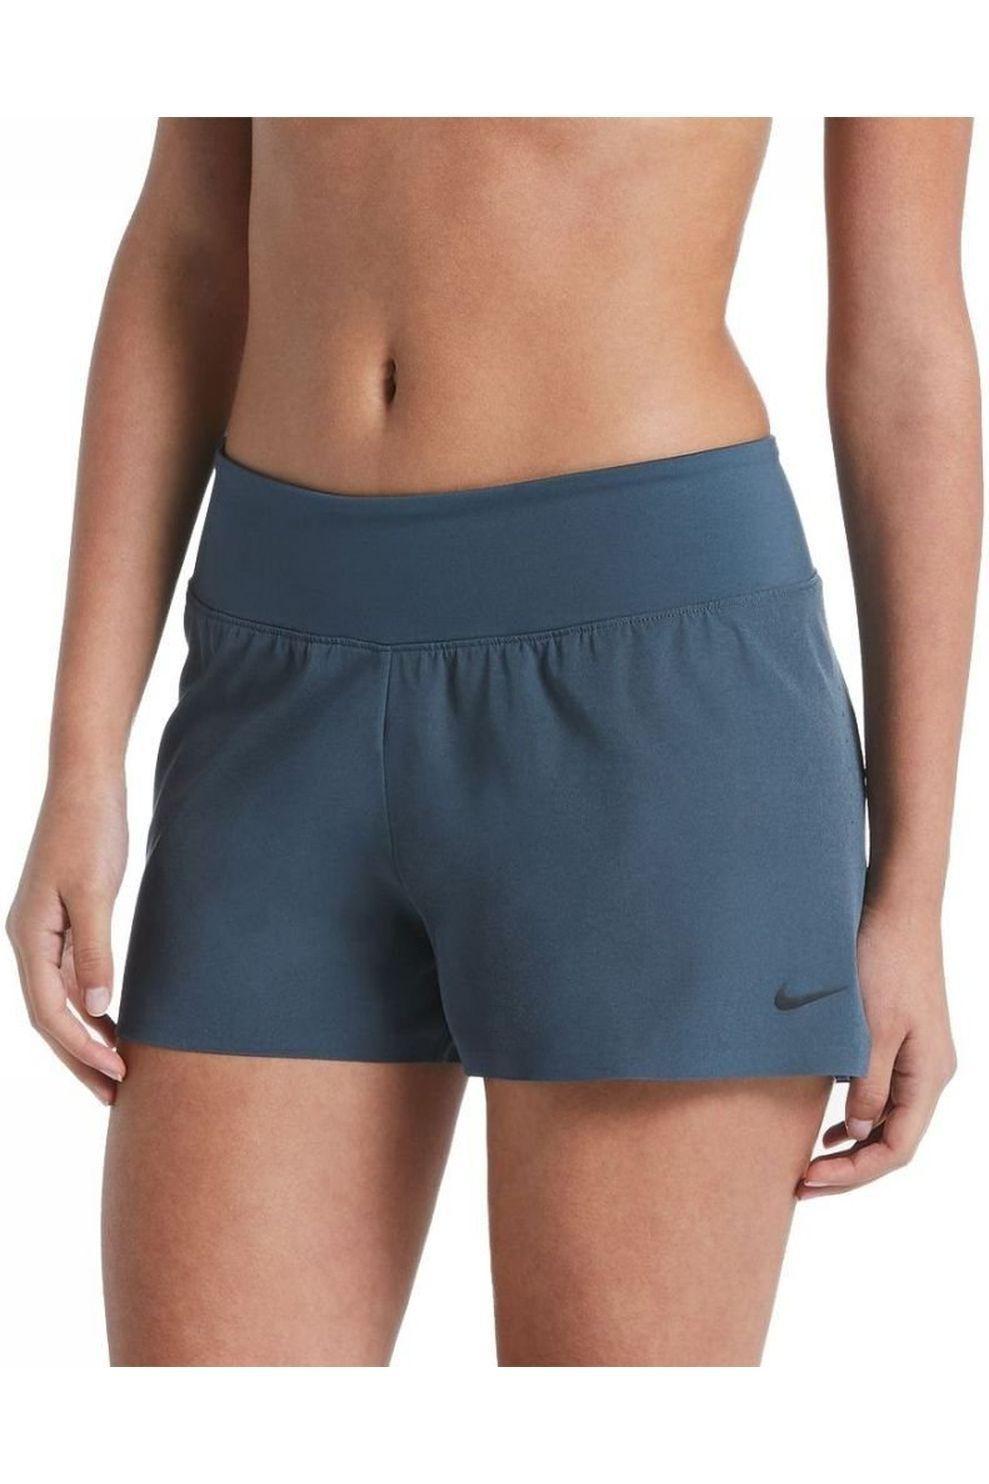 Nike Short Solid Element 2,0 voor dames - Blauw - Maat: L